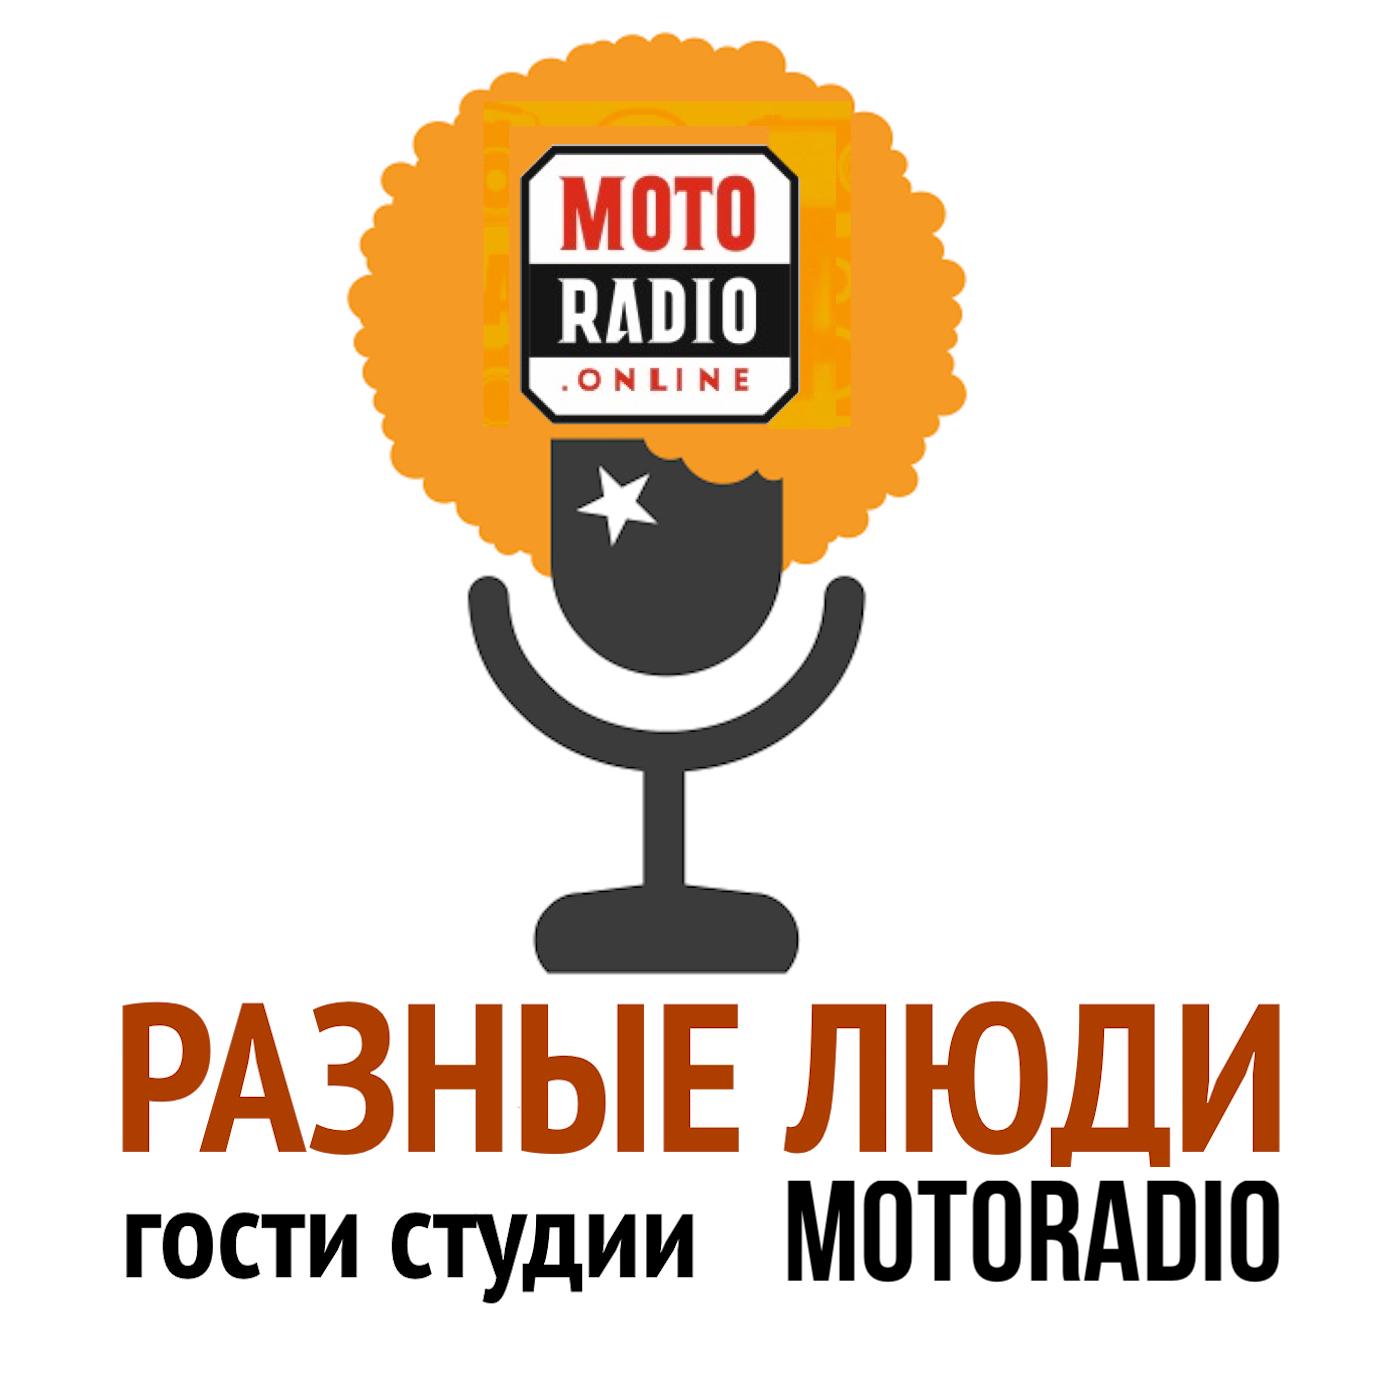 Моторадио Владимир Шевельков — советский, российский актёр театра и кино дал интервью нашей радиостанции